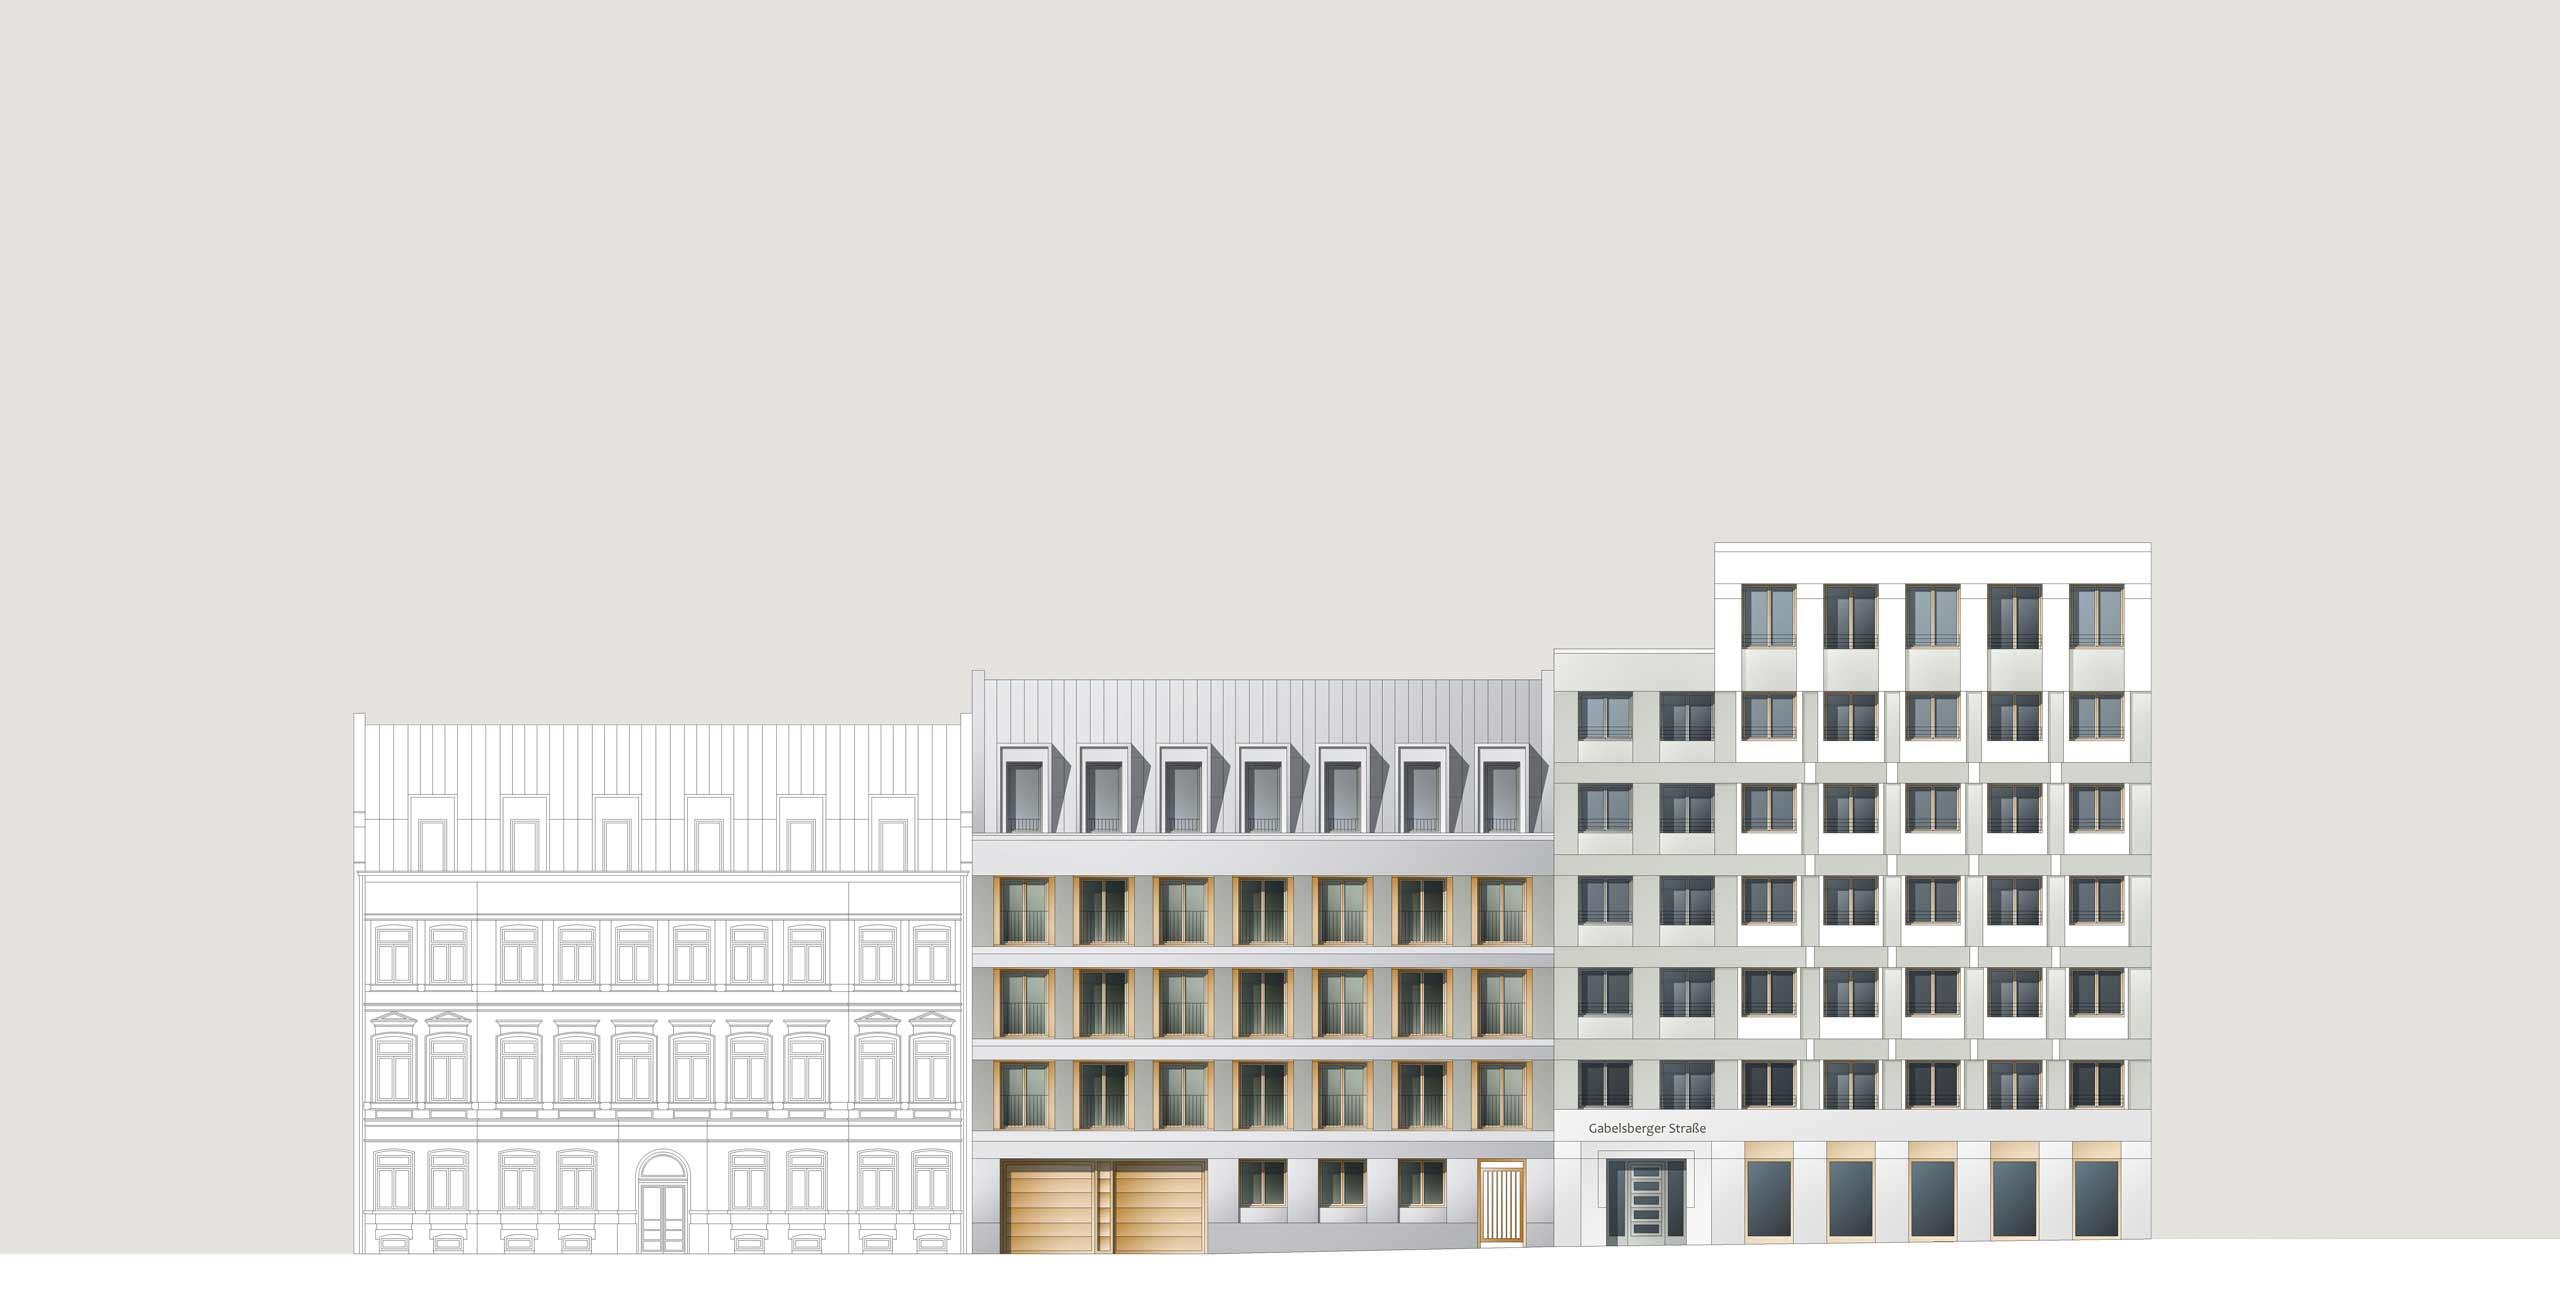 KLM Architekten Wohnungsbau Leipzig Dresdner Strasse Ansicht 02